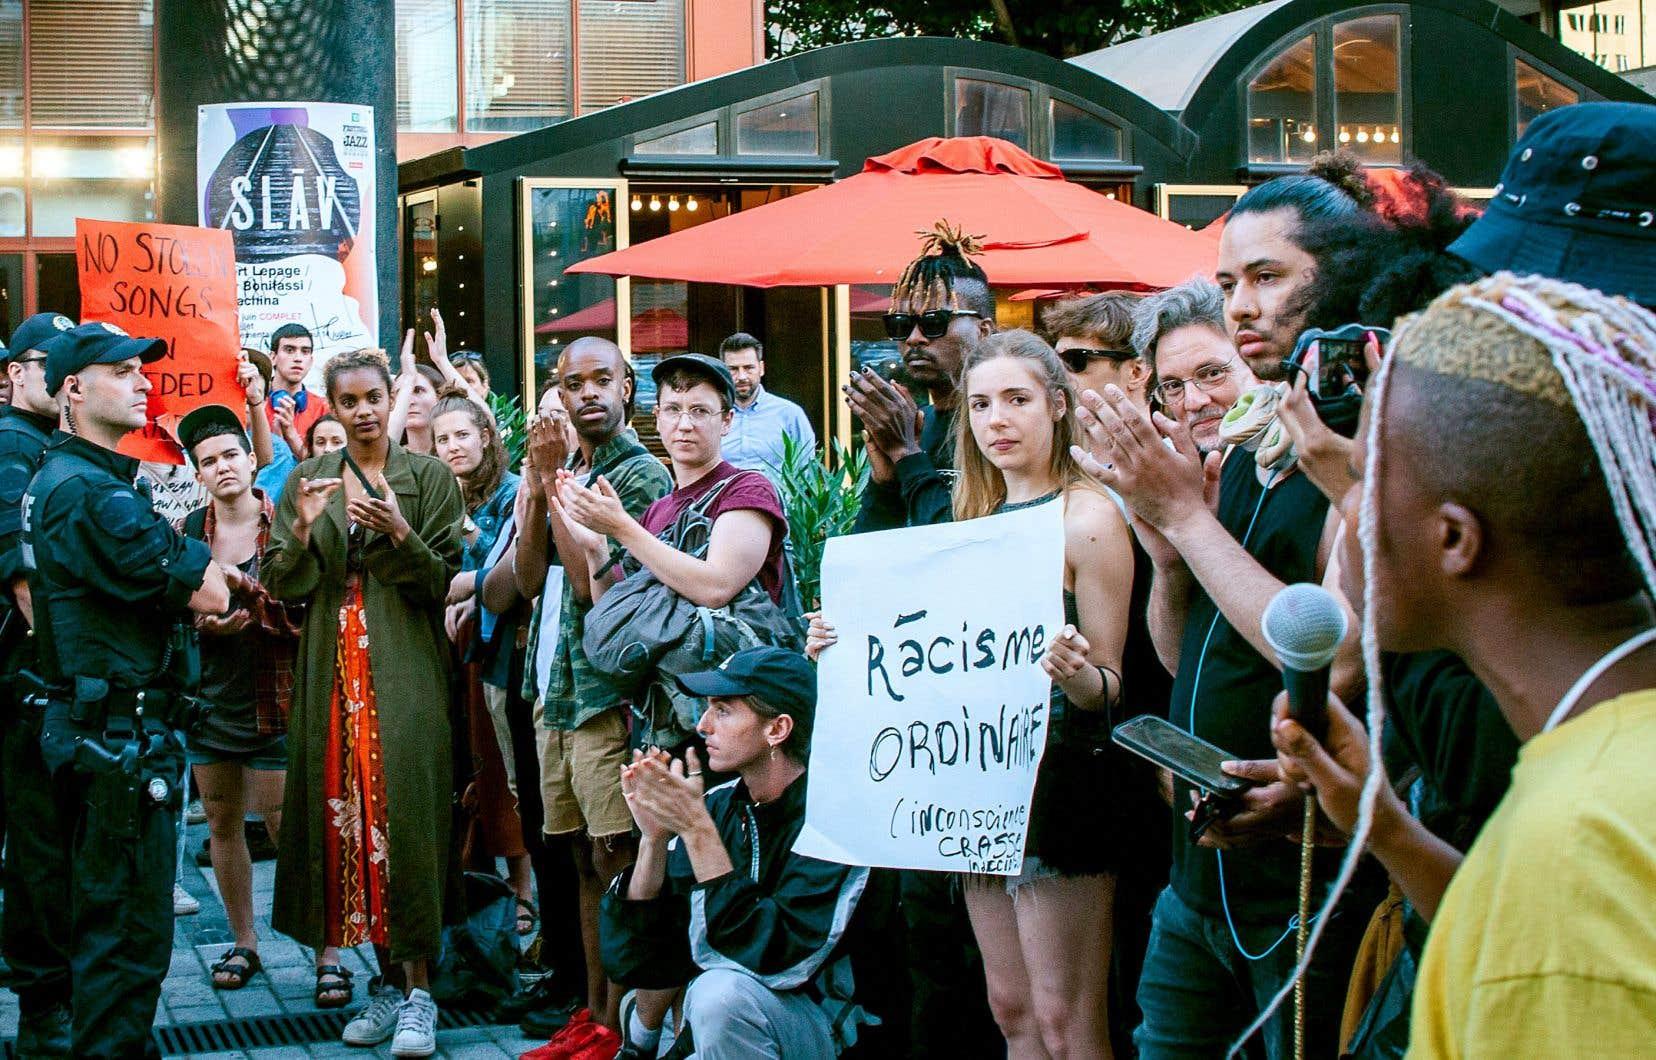 L'affaire «SLĀV», lancée autour de la sous-représentation des Noirs dans le spectacle, a fait considérer la censure, la liberté d'expression, l'appropriation culturelle et plus encore.